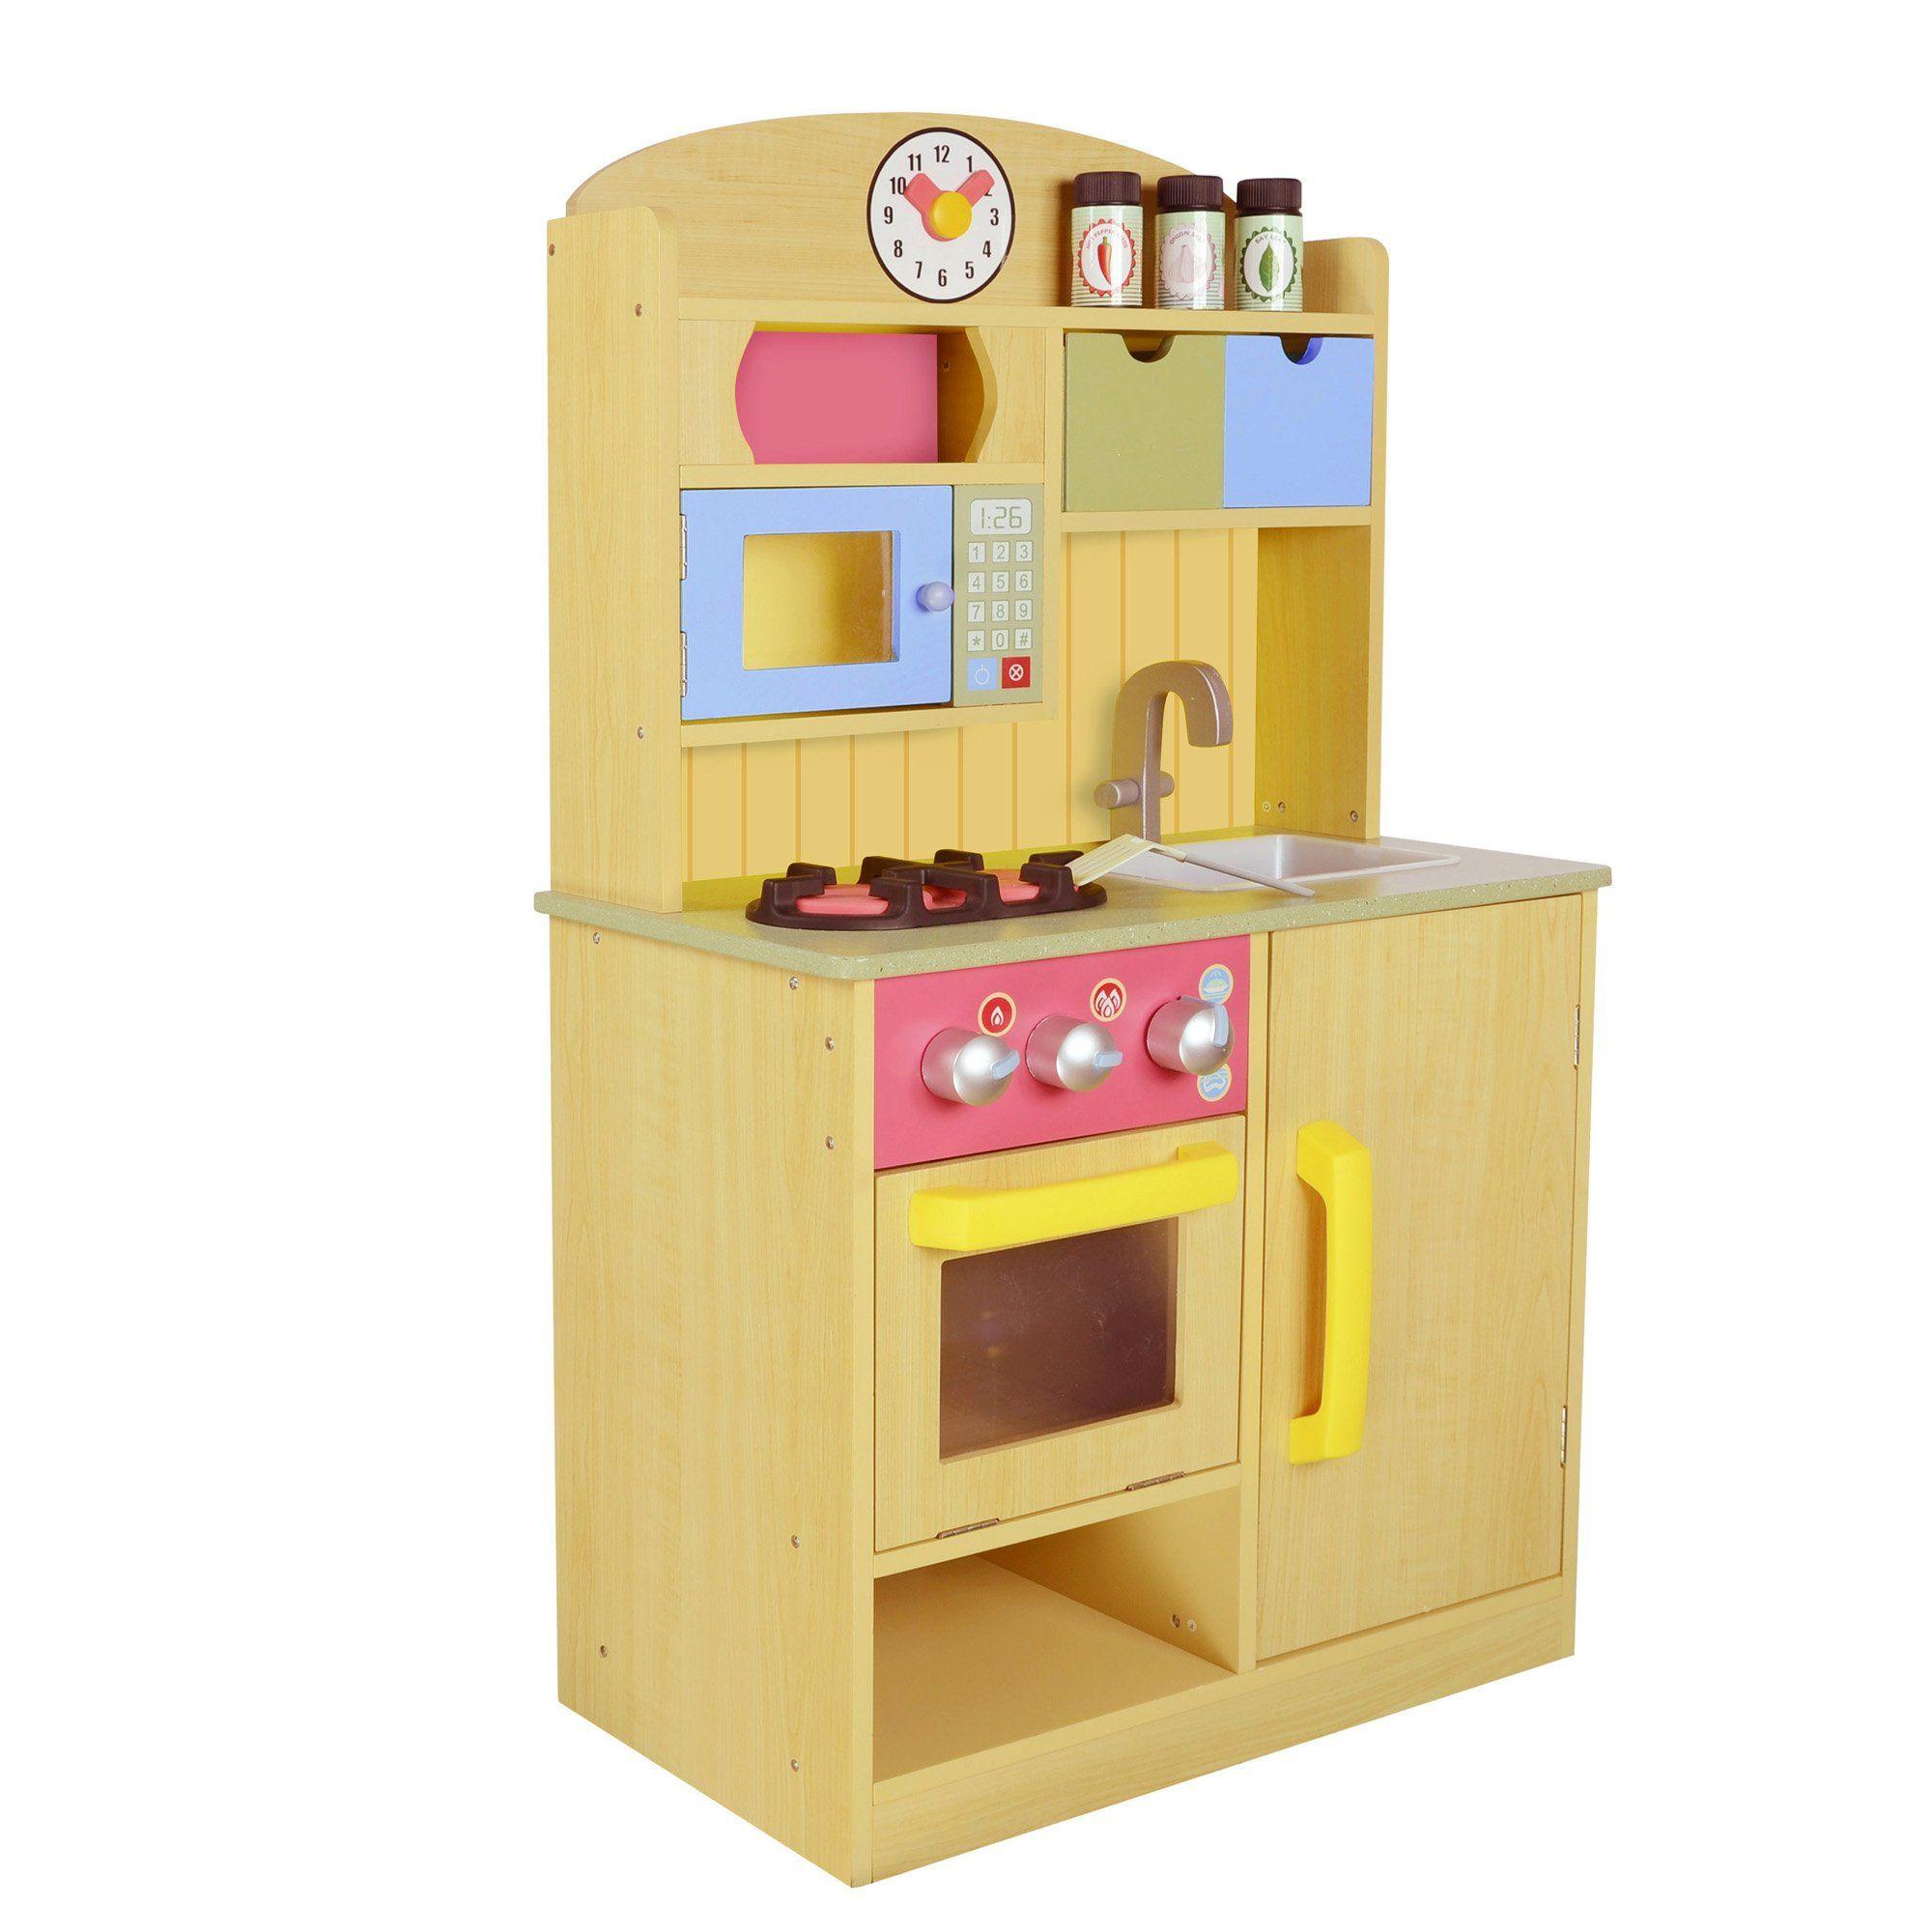 Teamson Kids Little Chef Burlywood Kitchen With Accessories Wooden Play Kitchen Play Kitchen Accessories Kids Play Kitchen Accessories